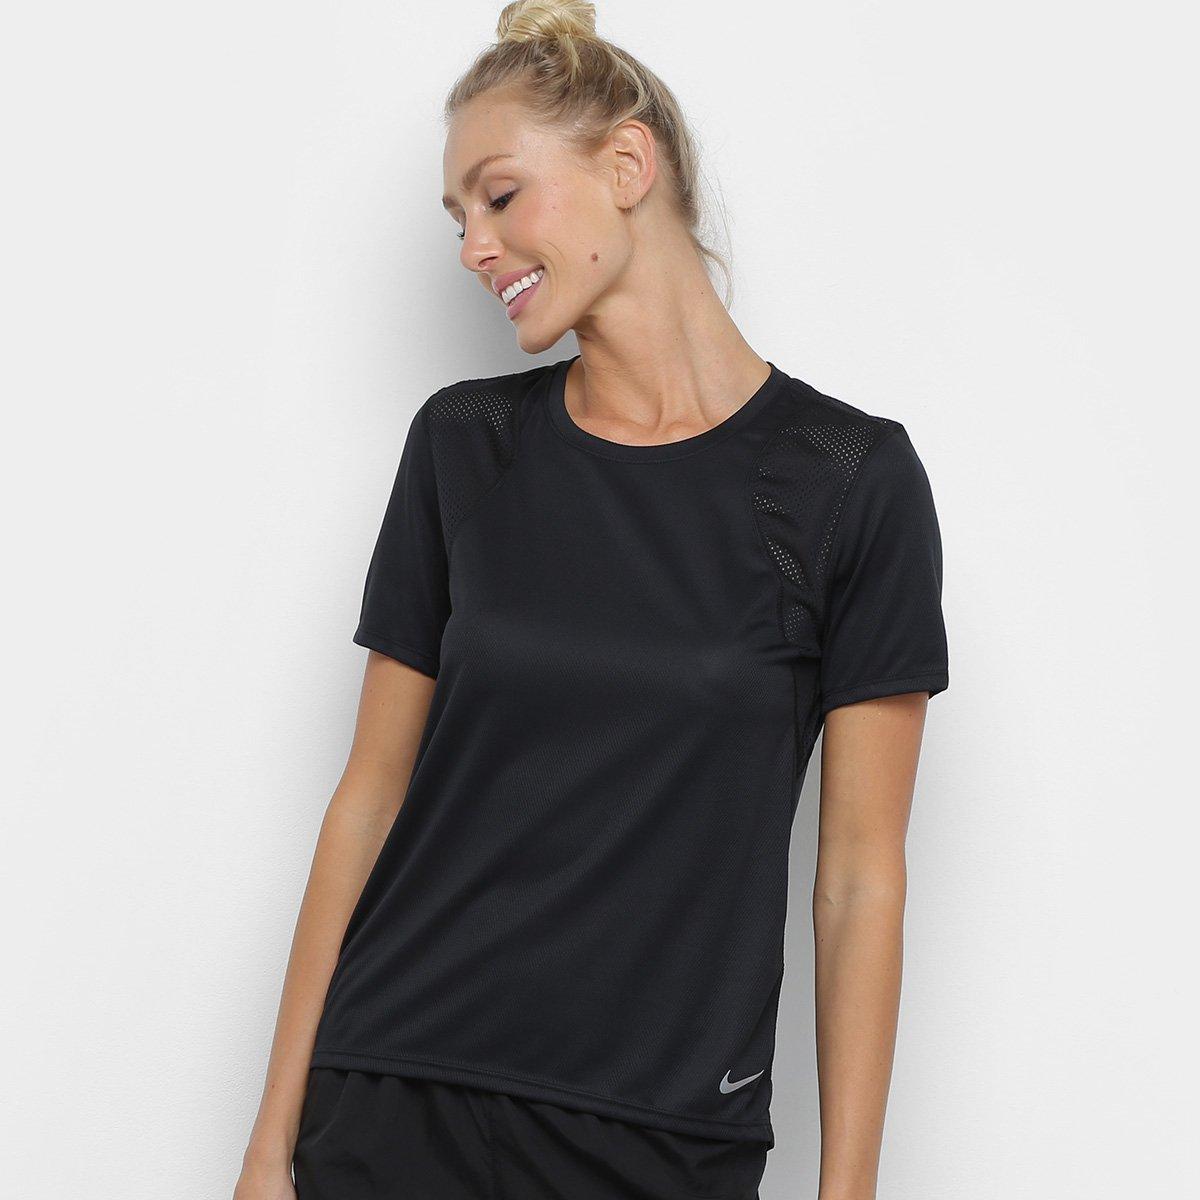 de884617124ec Camiseta Nike Run Ss Feminina - Preto - Compre Agora